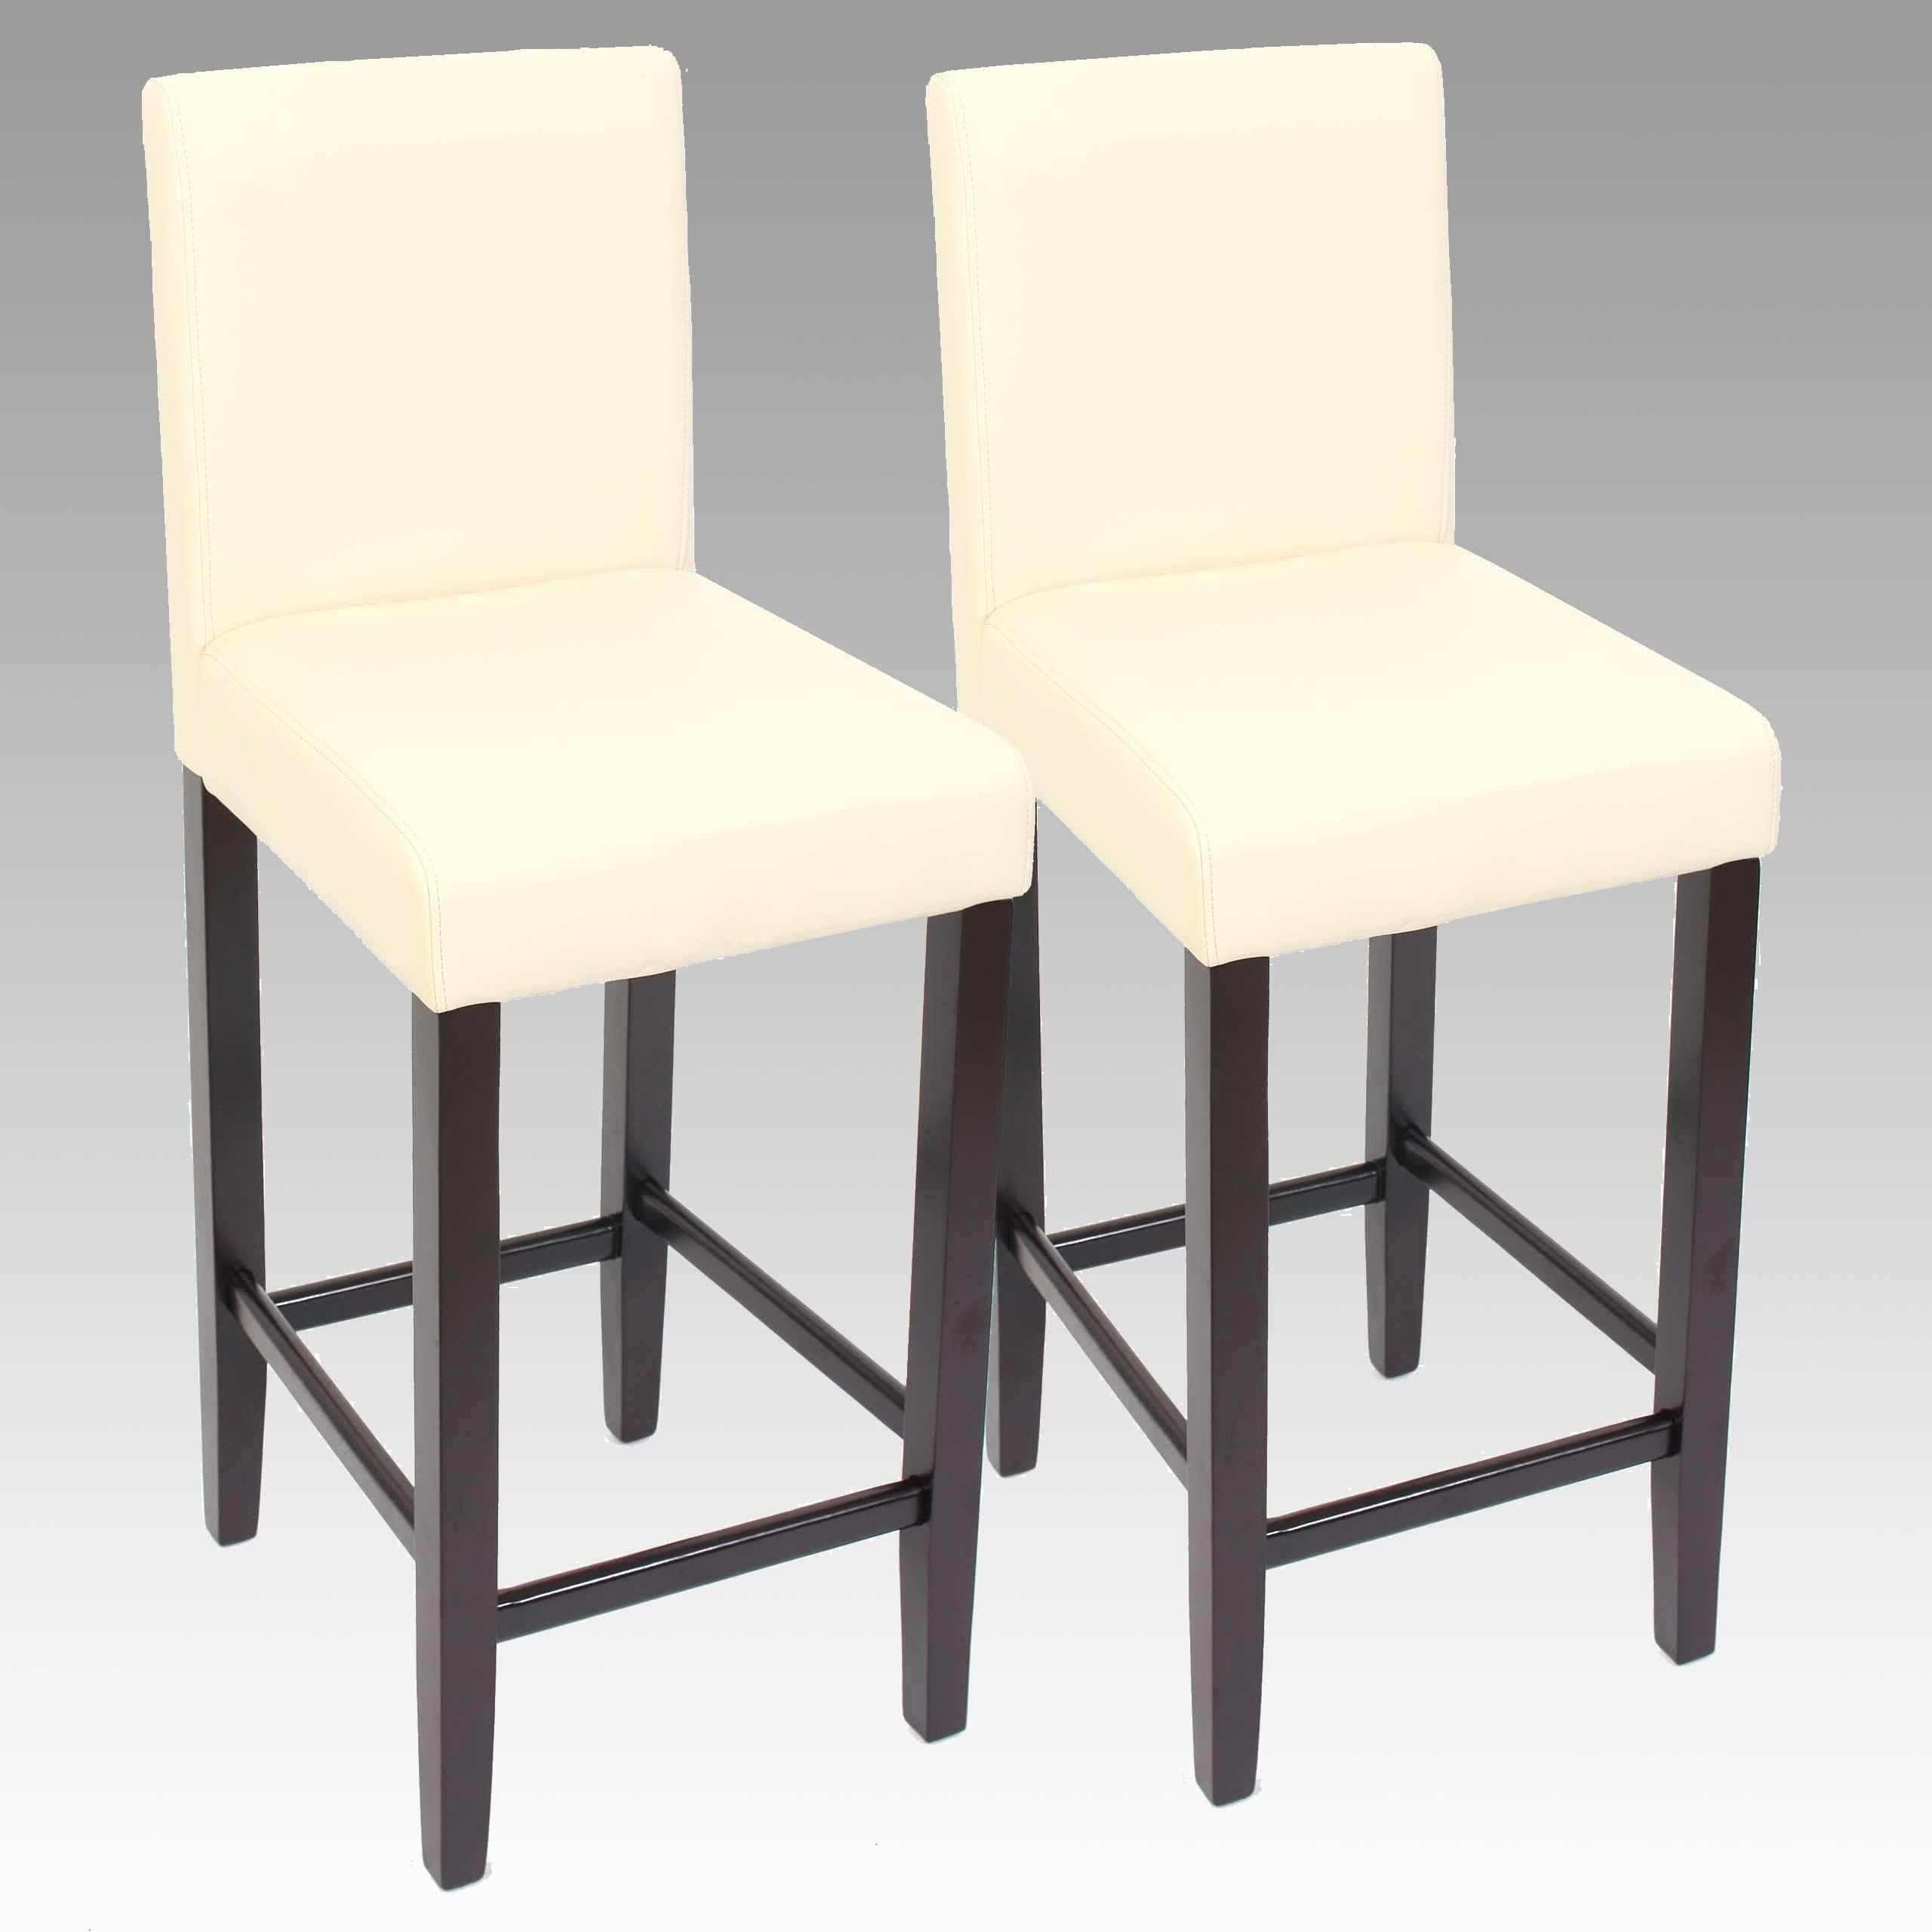 2x barhocker barstuhl tresenhocker bar stuhl m37 leder creme dunkle f e ebay. Black Bedroom Furniture Sets. Home Design Ideas